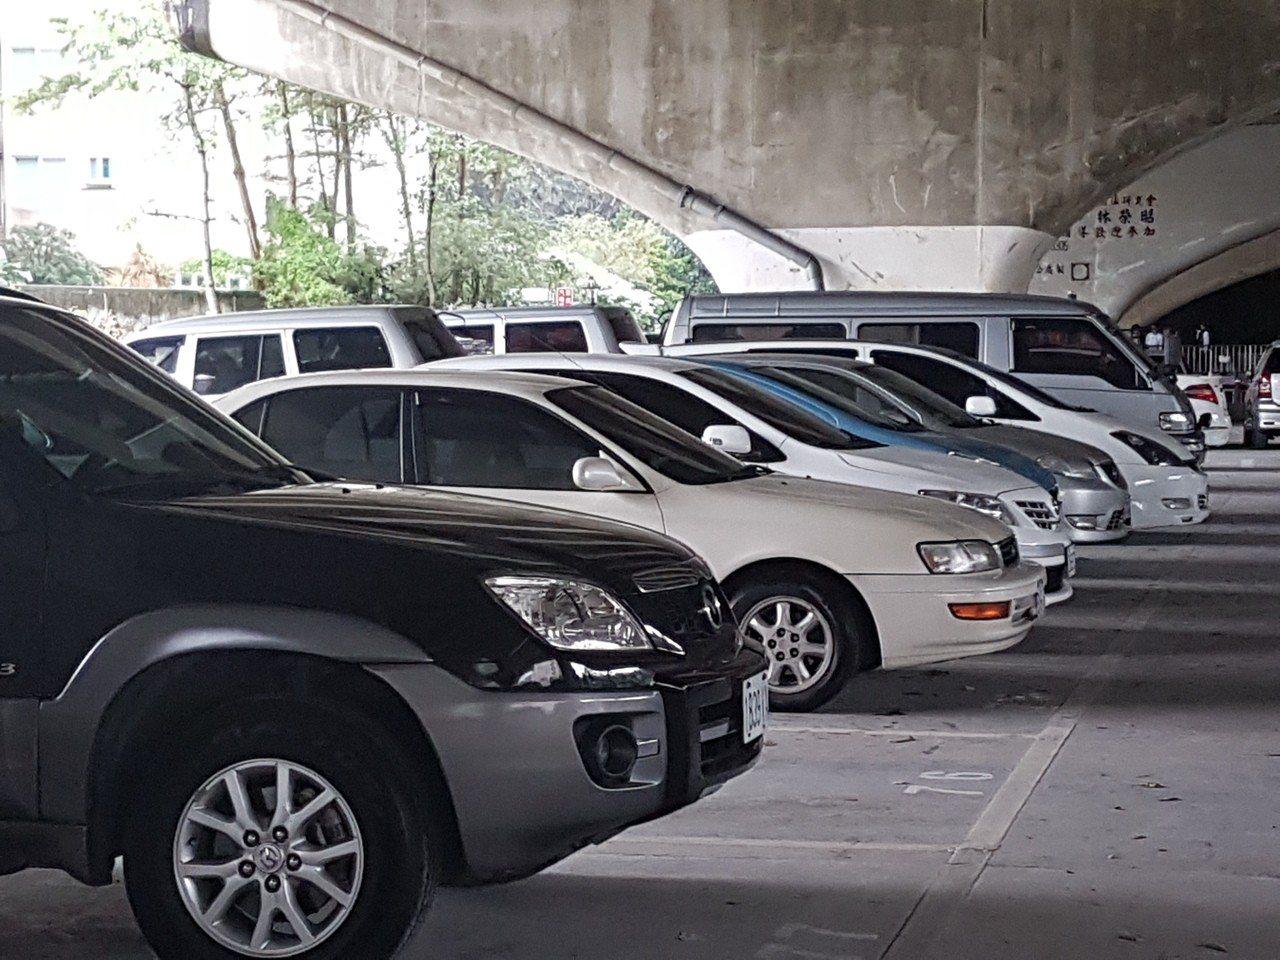 產險業者建議,即使是中古車,最好加保第三人責任險、乘客險。 圖/聯合報系資料照片